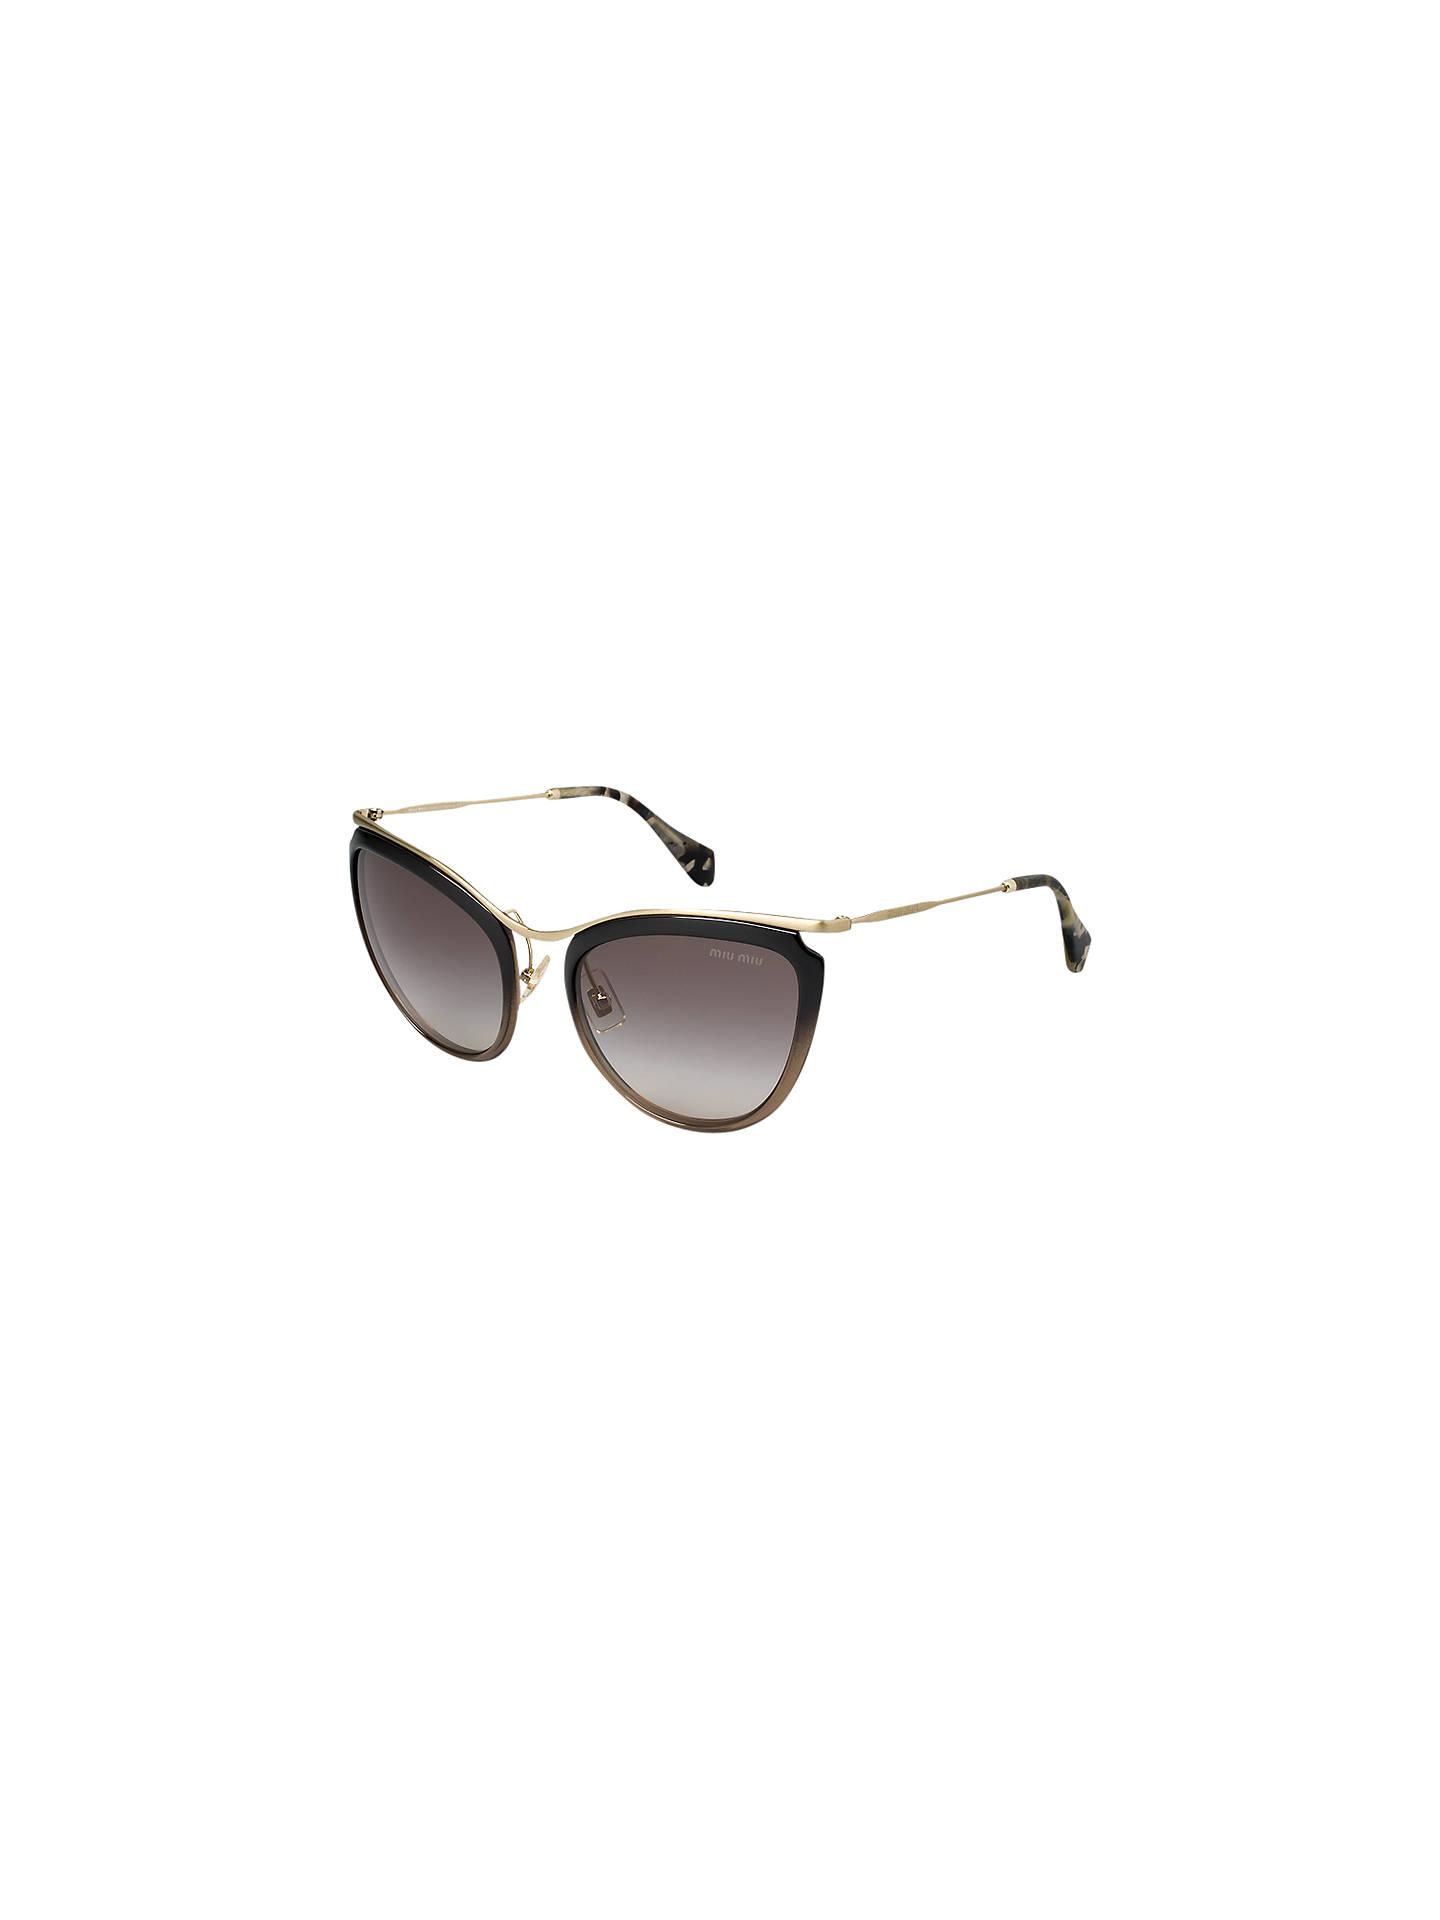 60e9d1b0de94 Miu Miu MU51PS Retro Cat s Eye Sunglasses at John Lewis   Partners